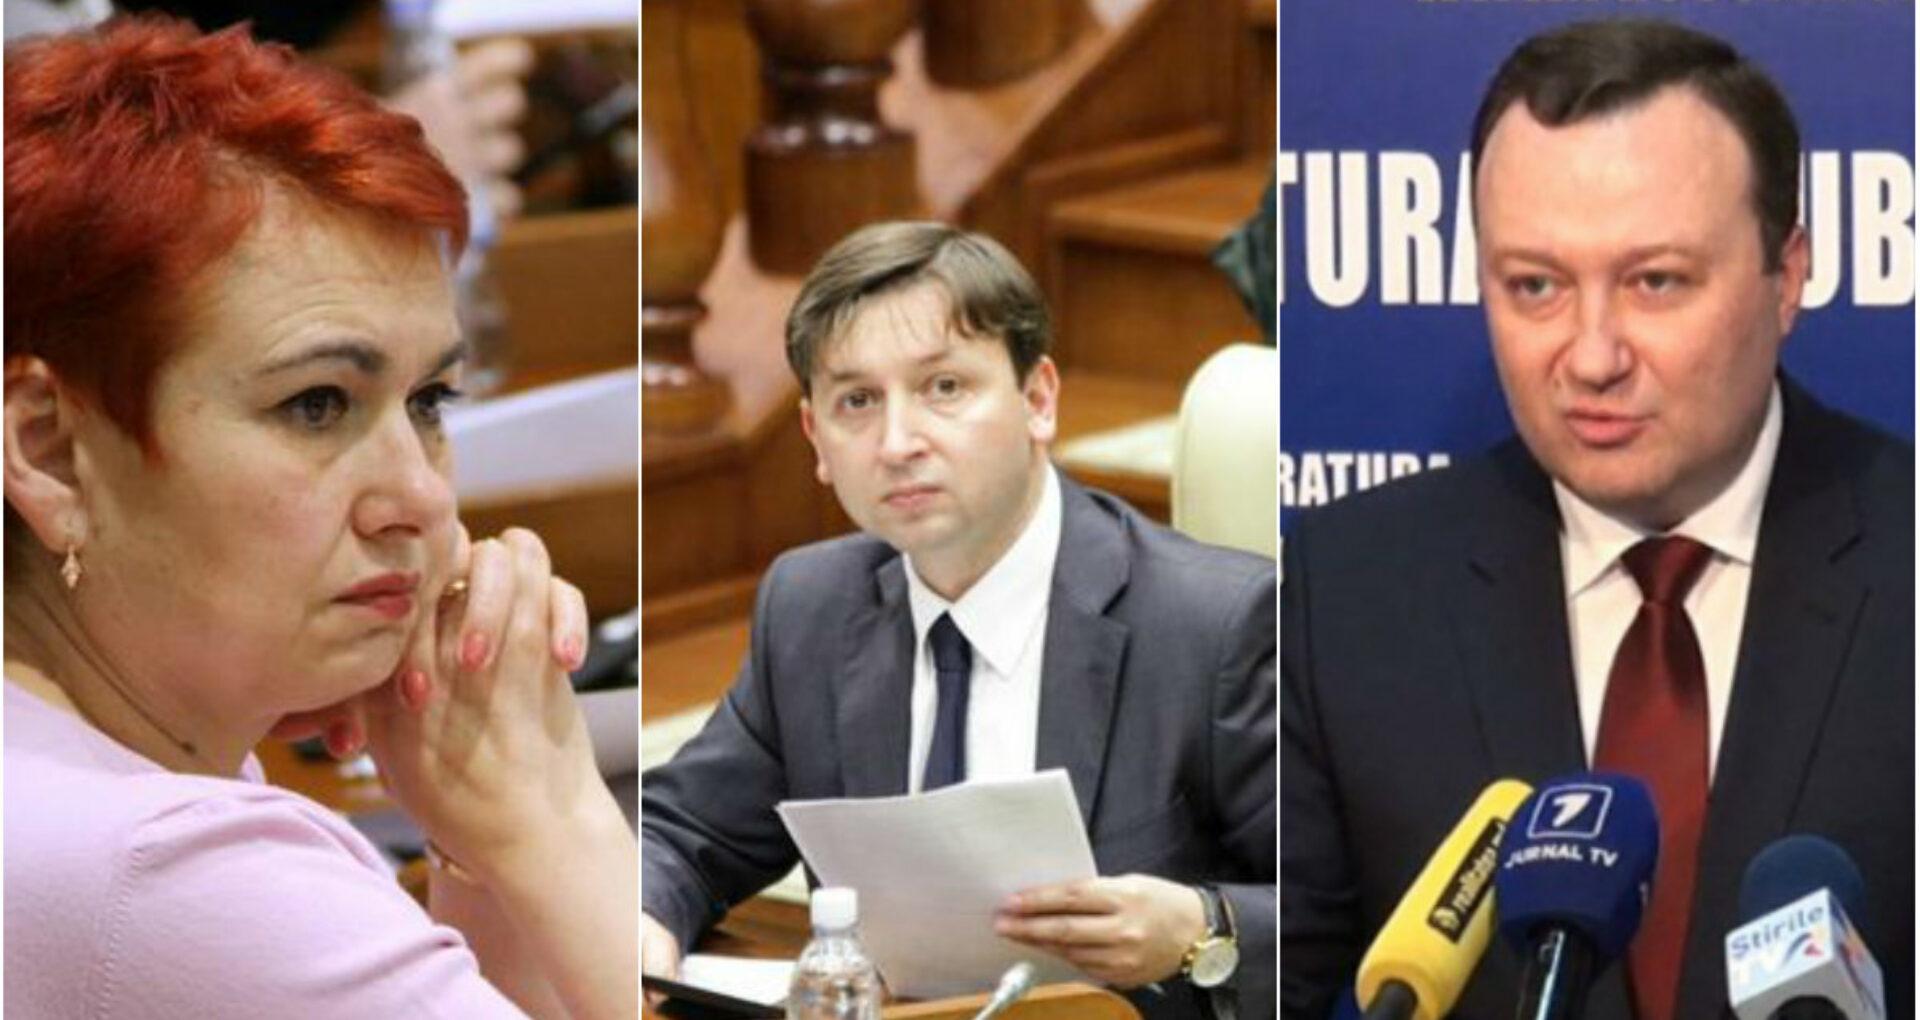 Organizațiile societății civile semnalează modul netransparent de numire a ultimilor trei judecători constituționali